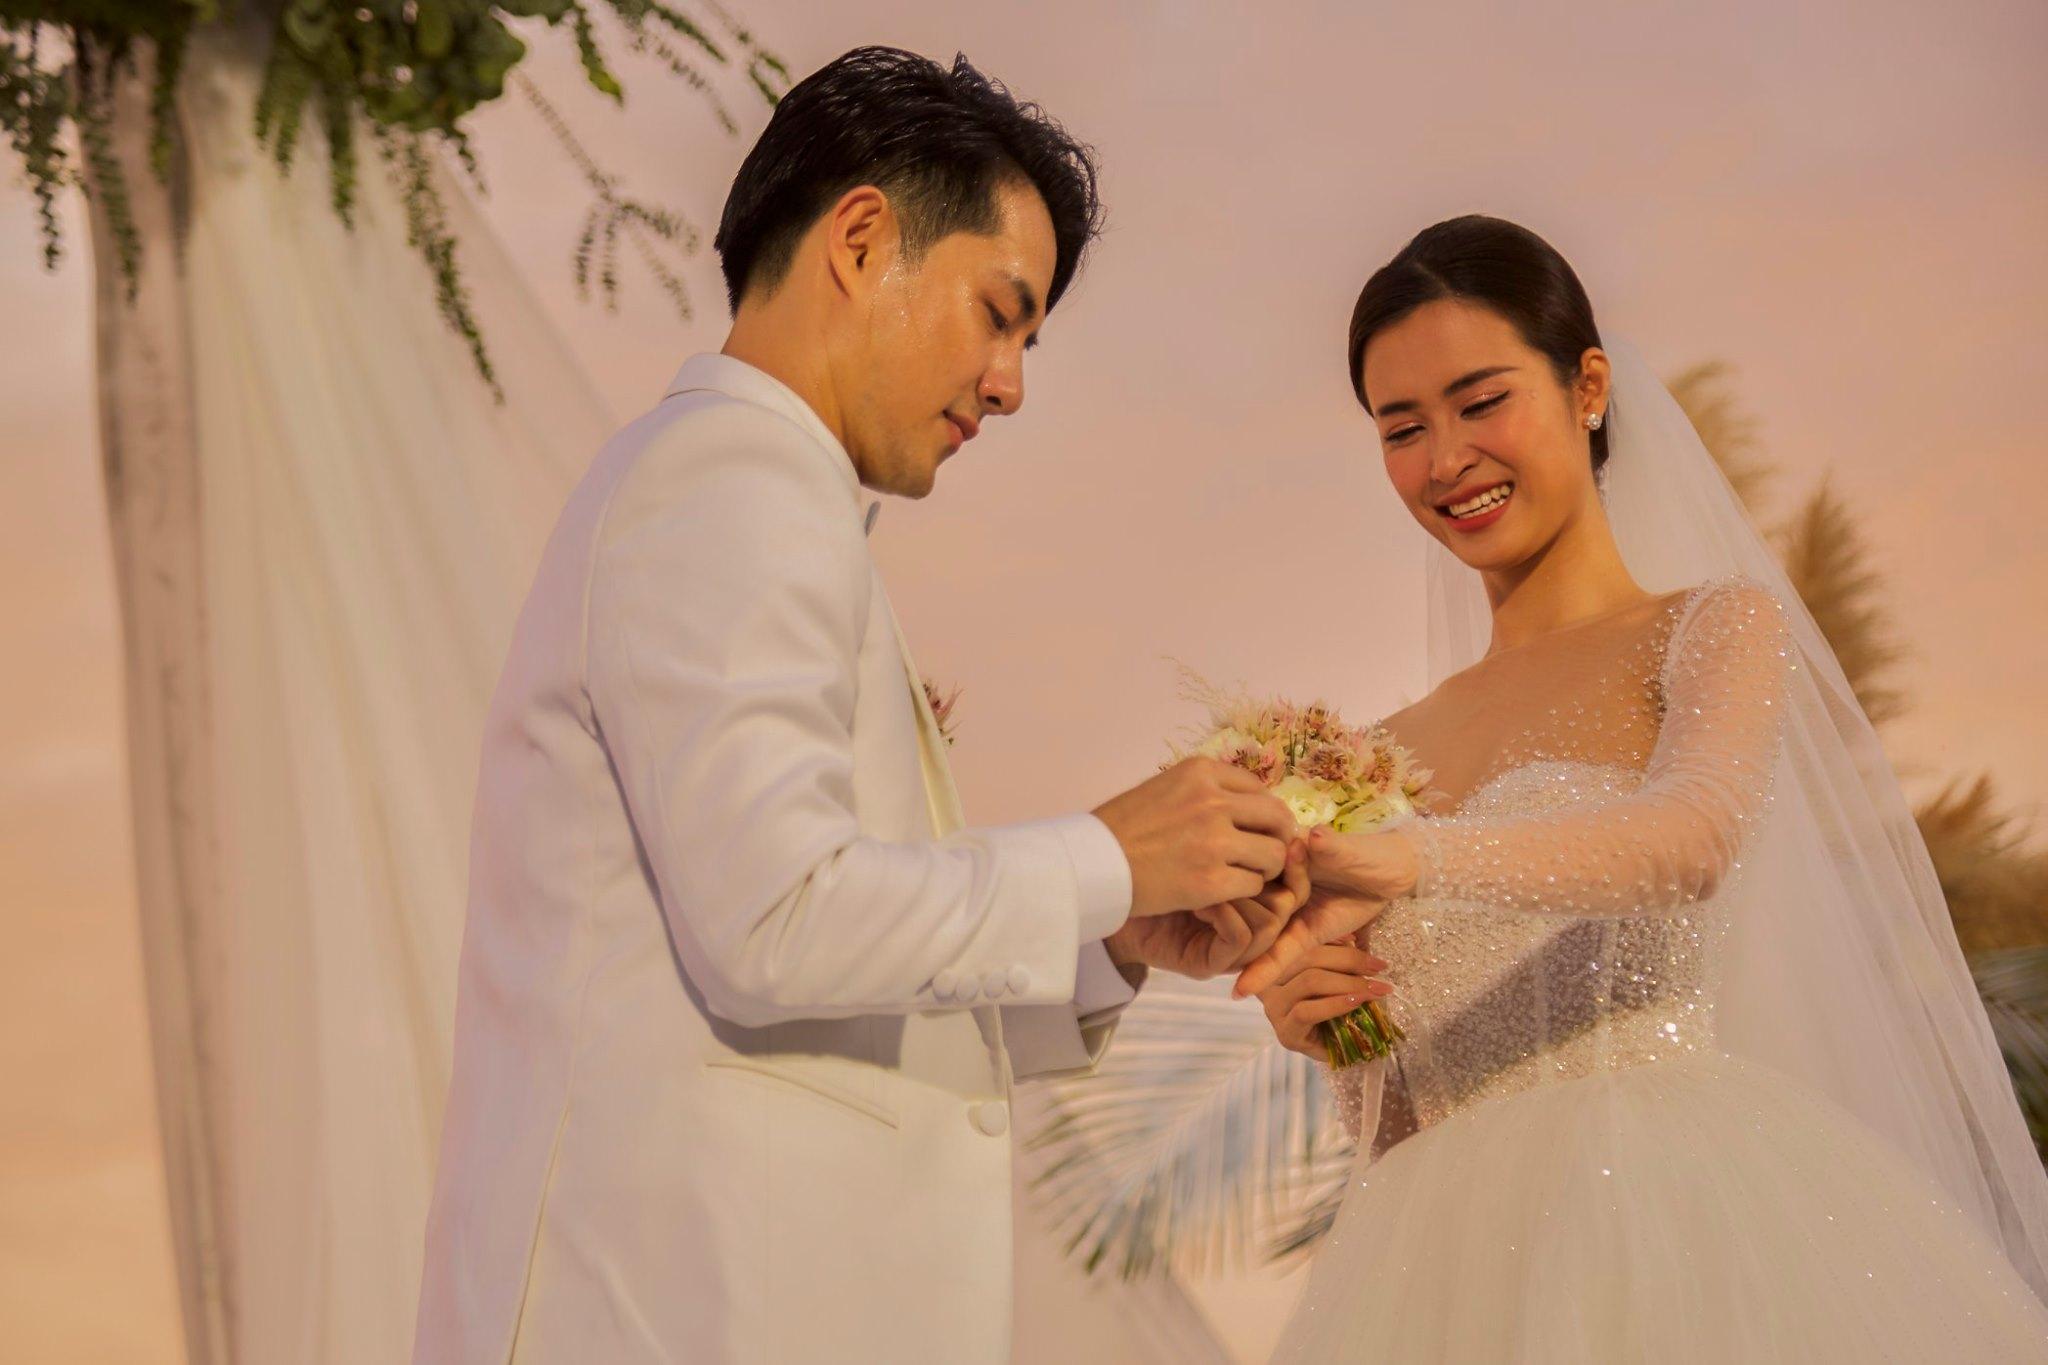 Bị chê mặc lố ở đám cưới Đông Nhi, Việt Hương lên tiếng giải thích nhẹ nhàng nhưng rất thuyết phục